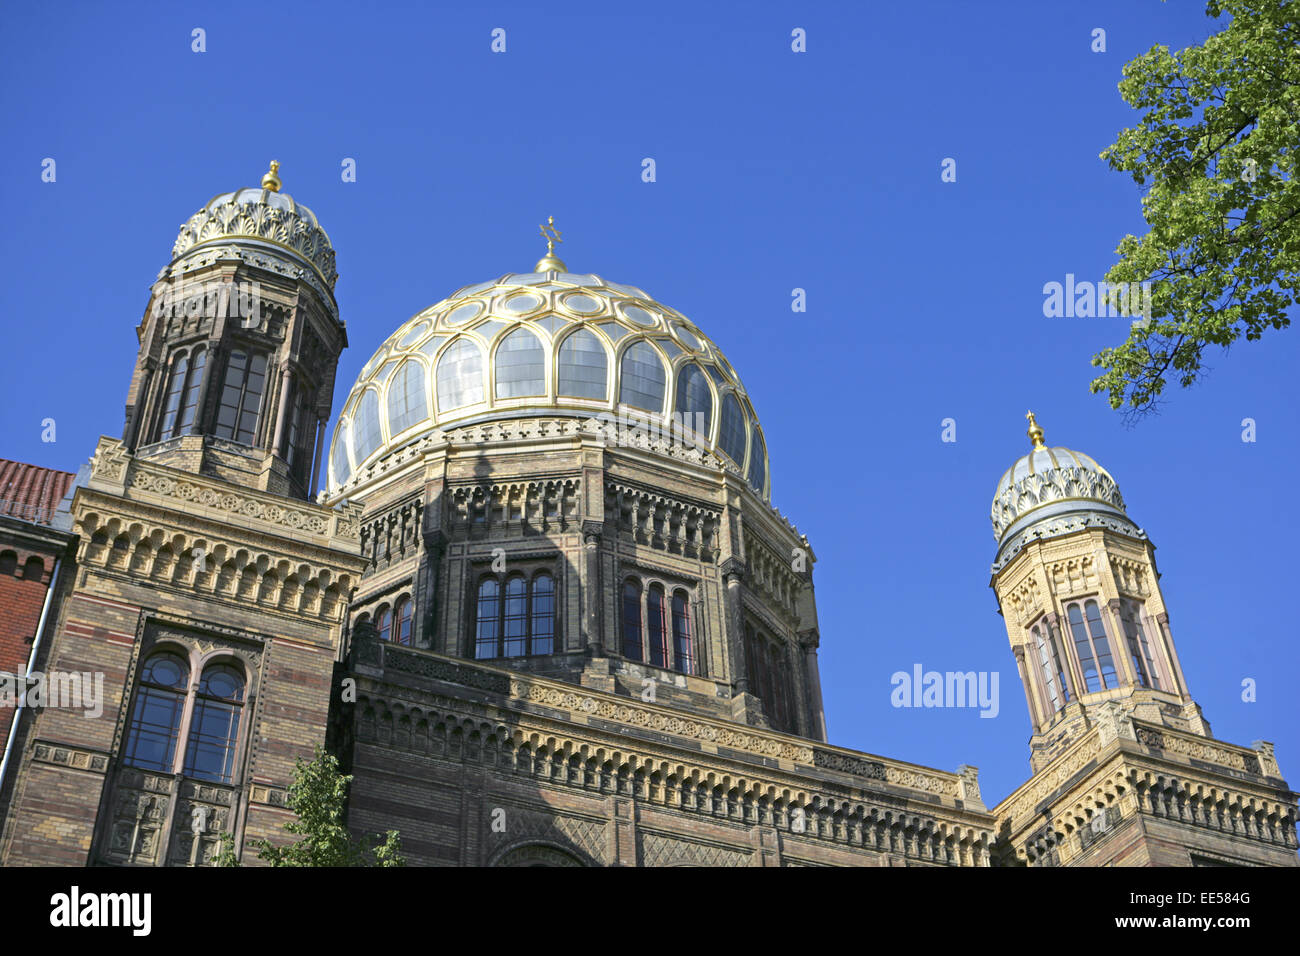 Deutschland, Berlin, Europa, Hauptstadt, Stadt, Sehenswuerdigkeit, findet der Neuen Synagoge, Architektur, Aussenaufnahme, Stockbild